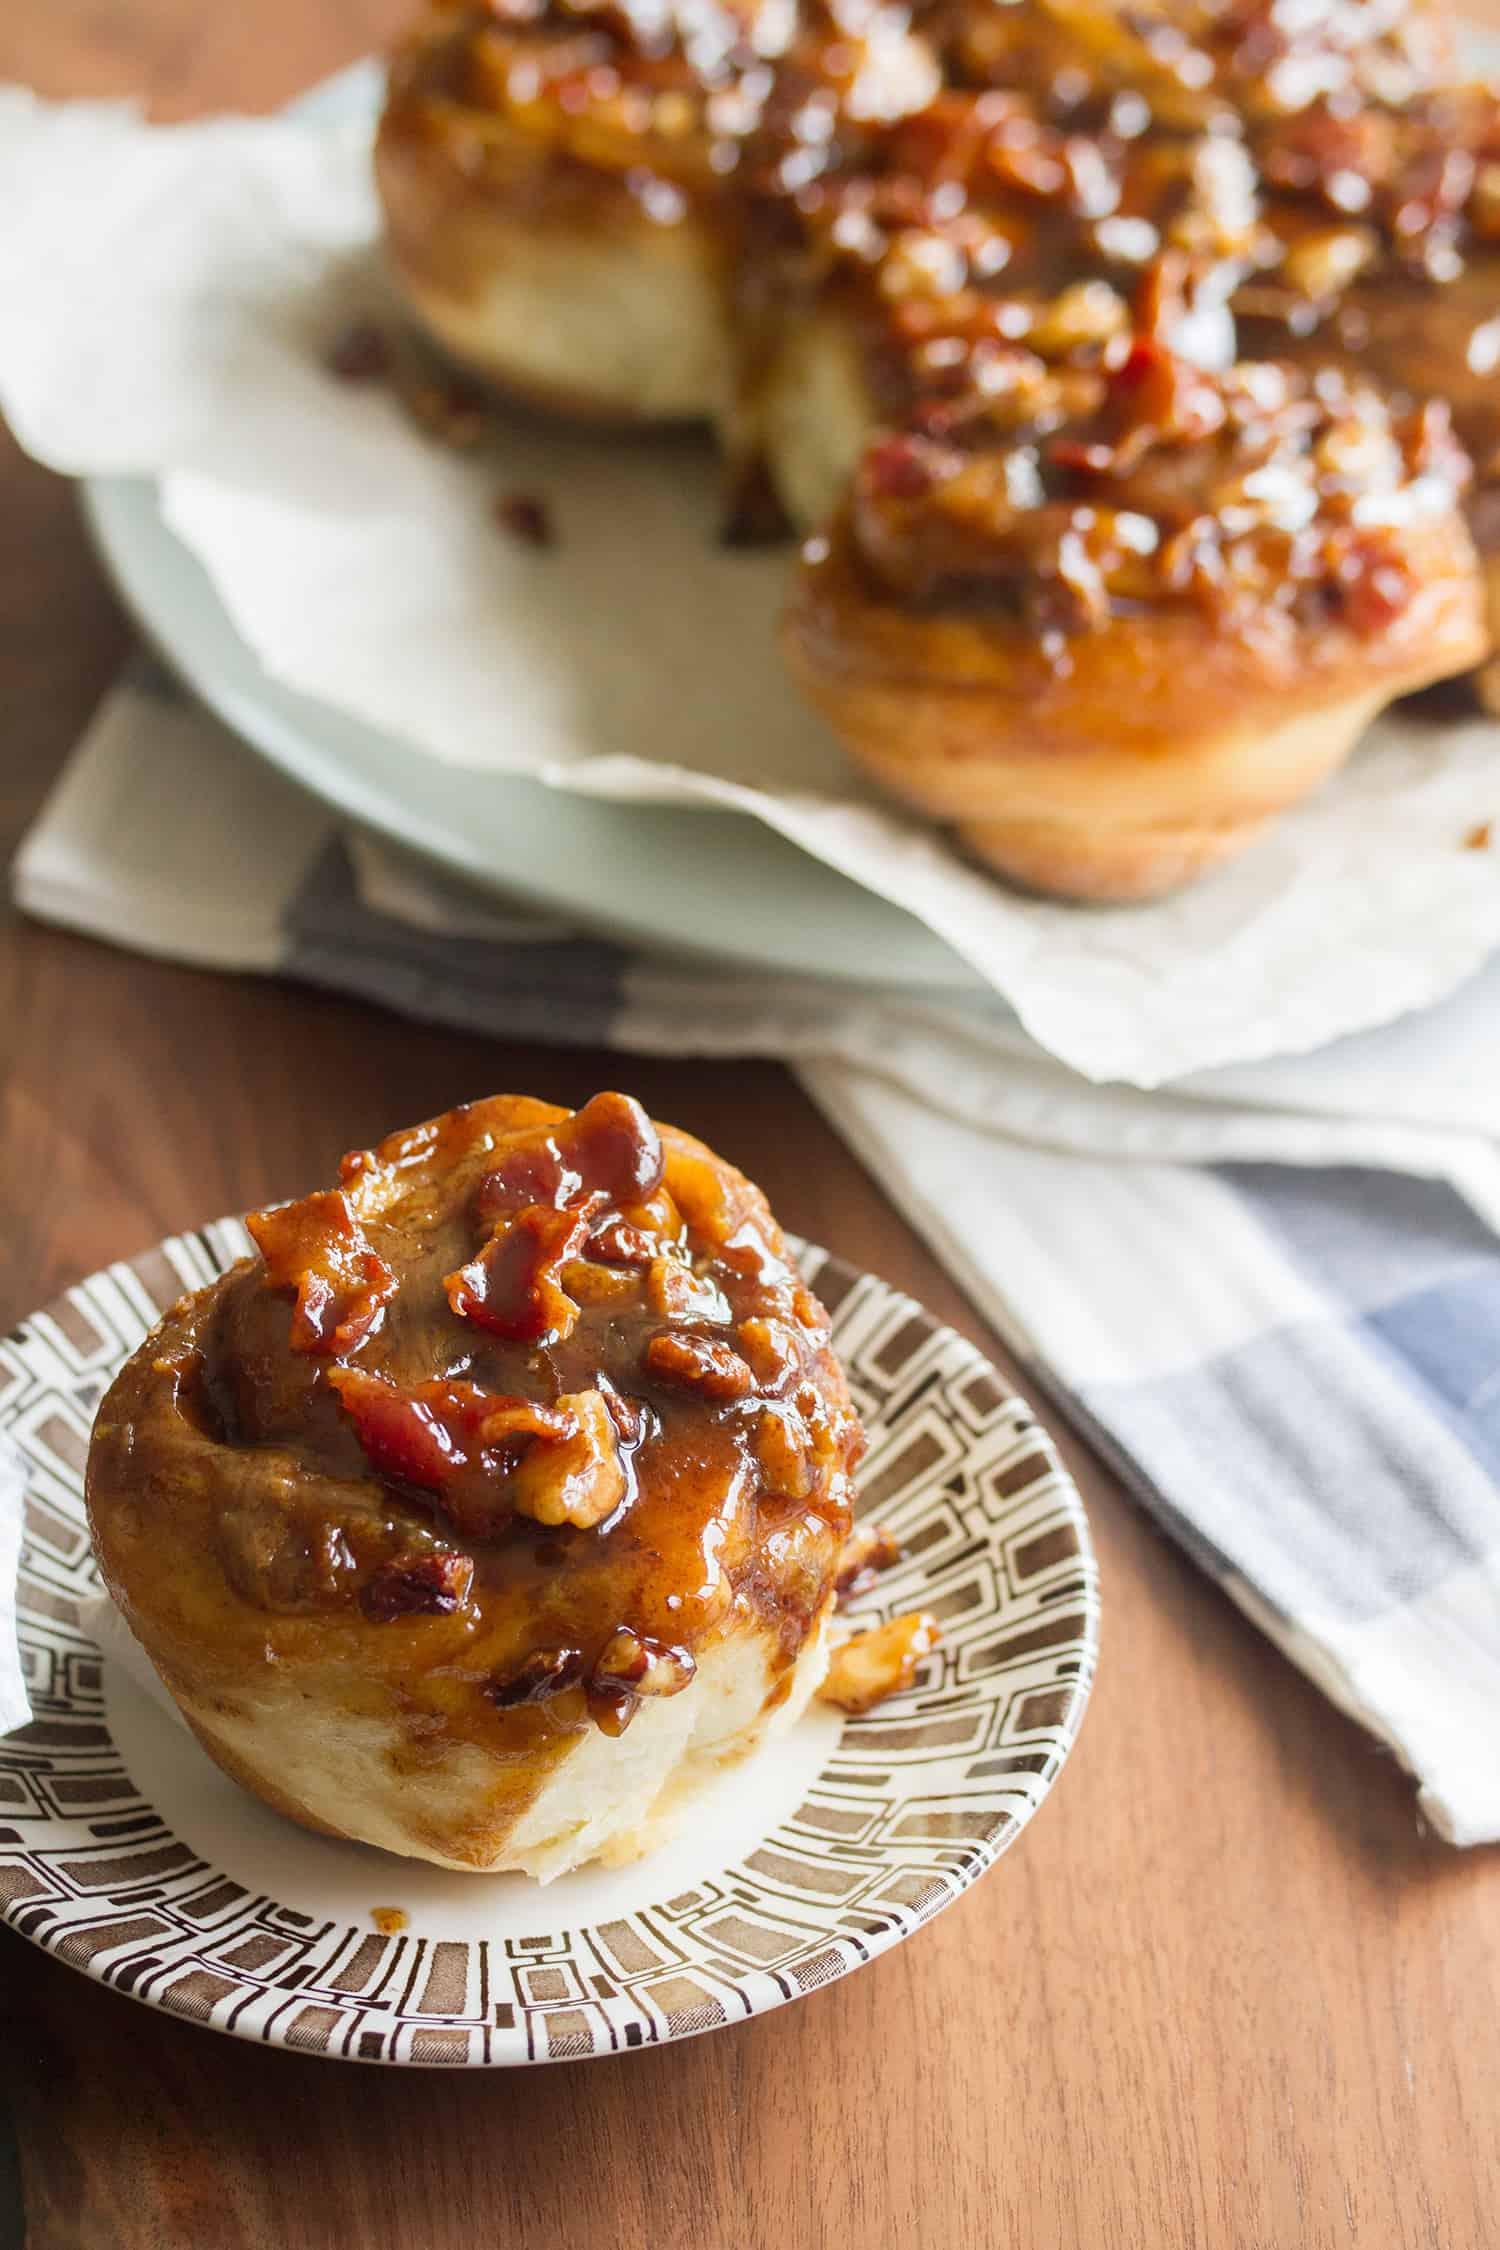 Maple-Bourbon Bacon Sticky Buns